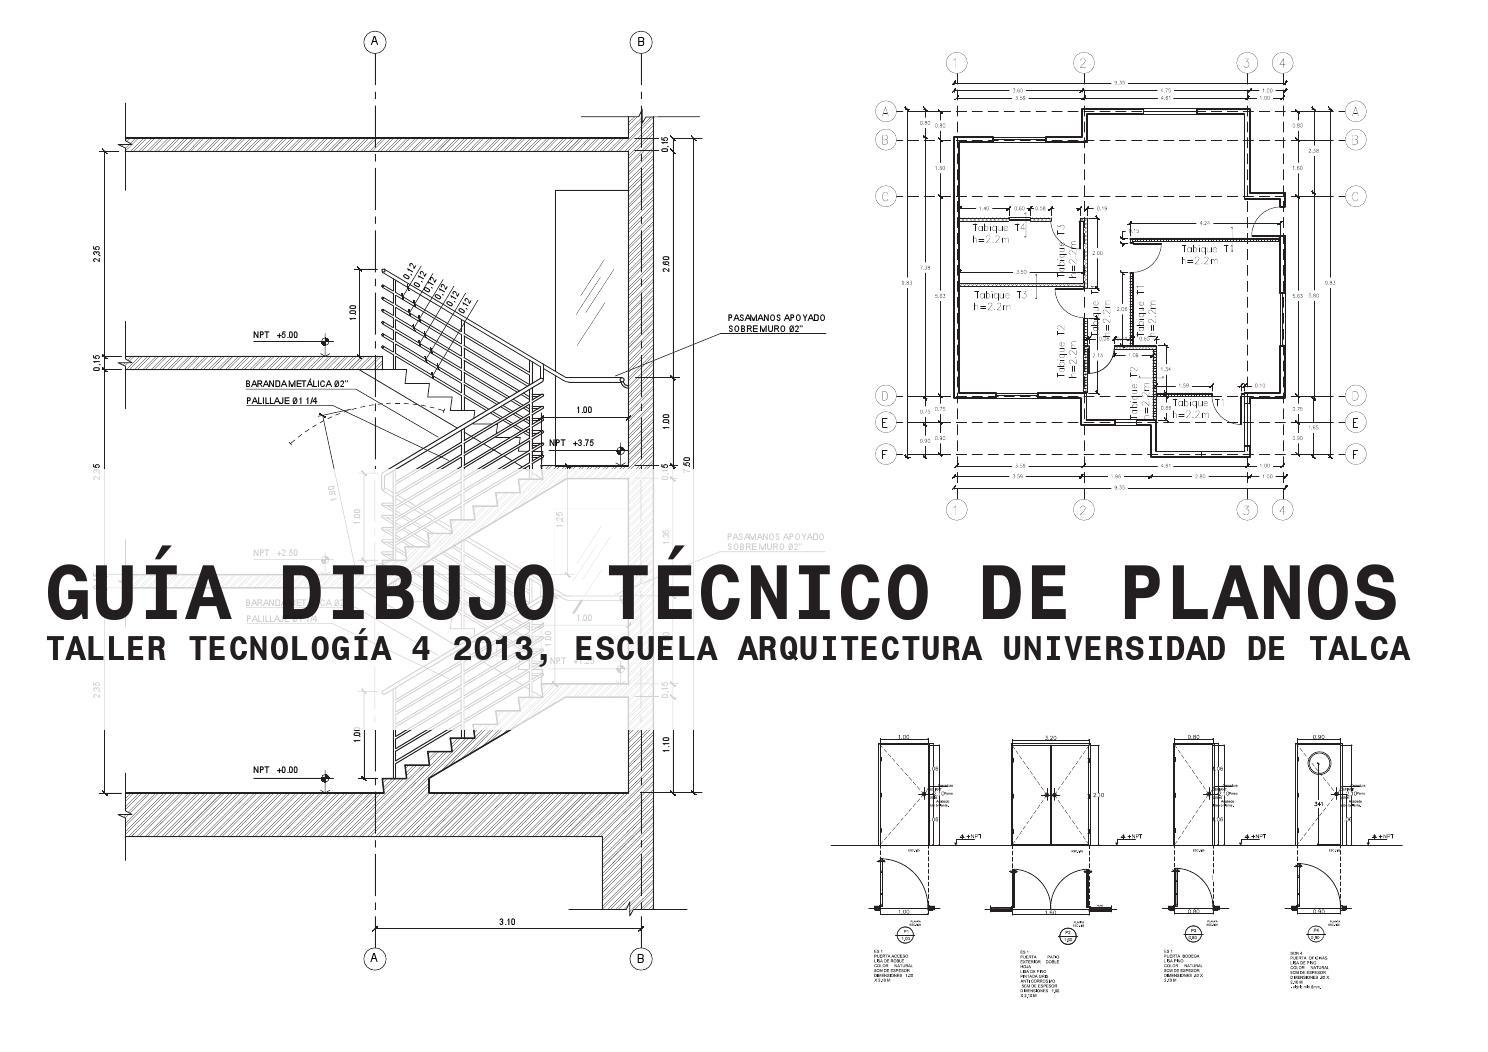 Guia dibujo t cnico de planos by diego antonio mu oz for Que es un plano arquitectonico